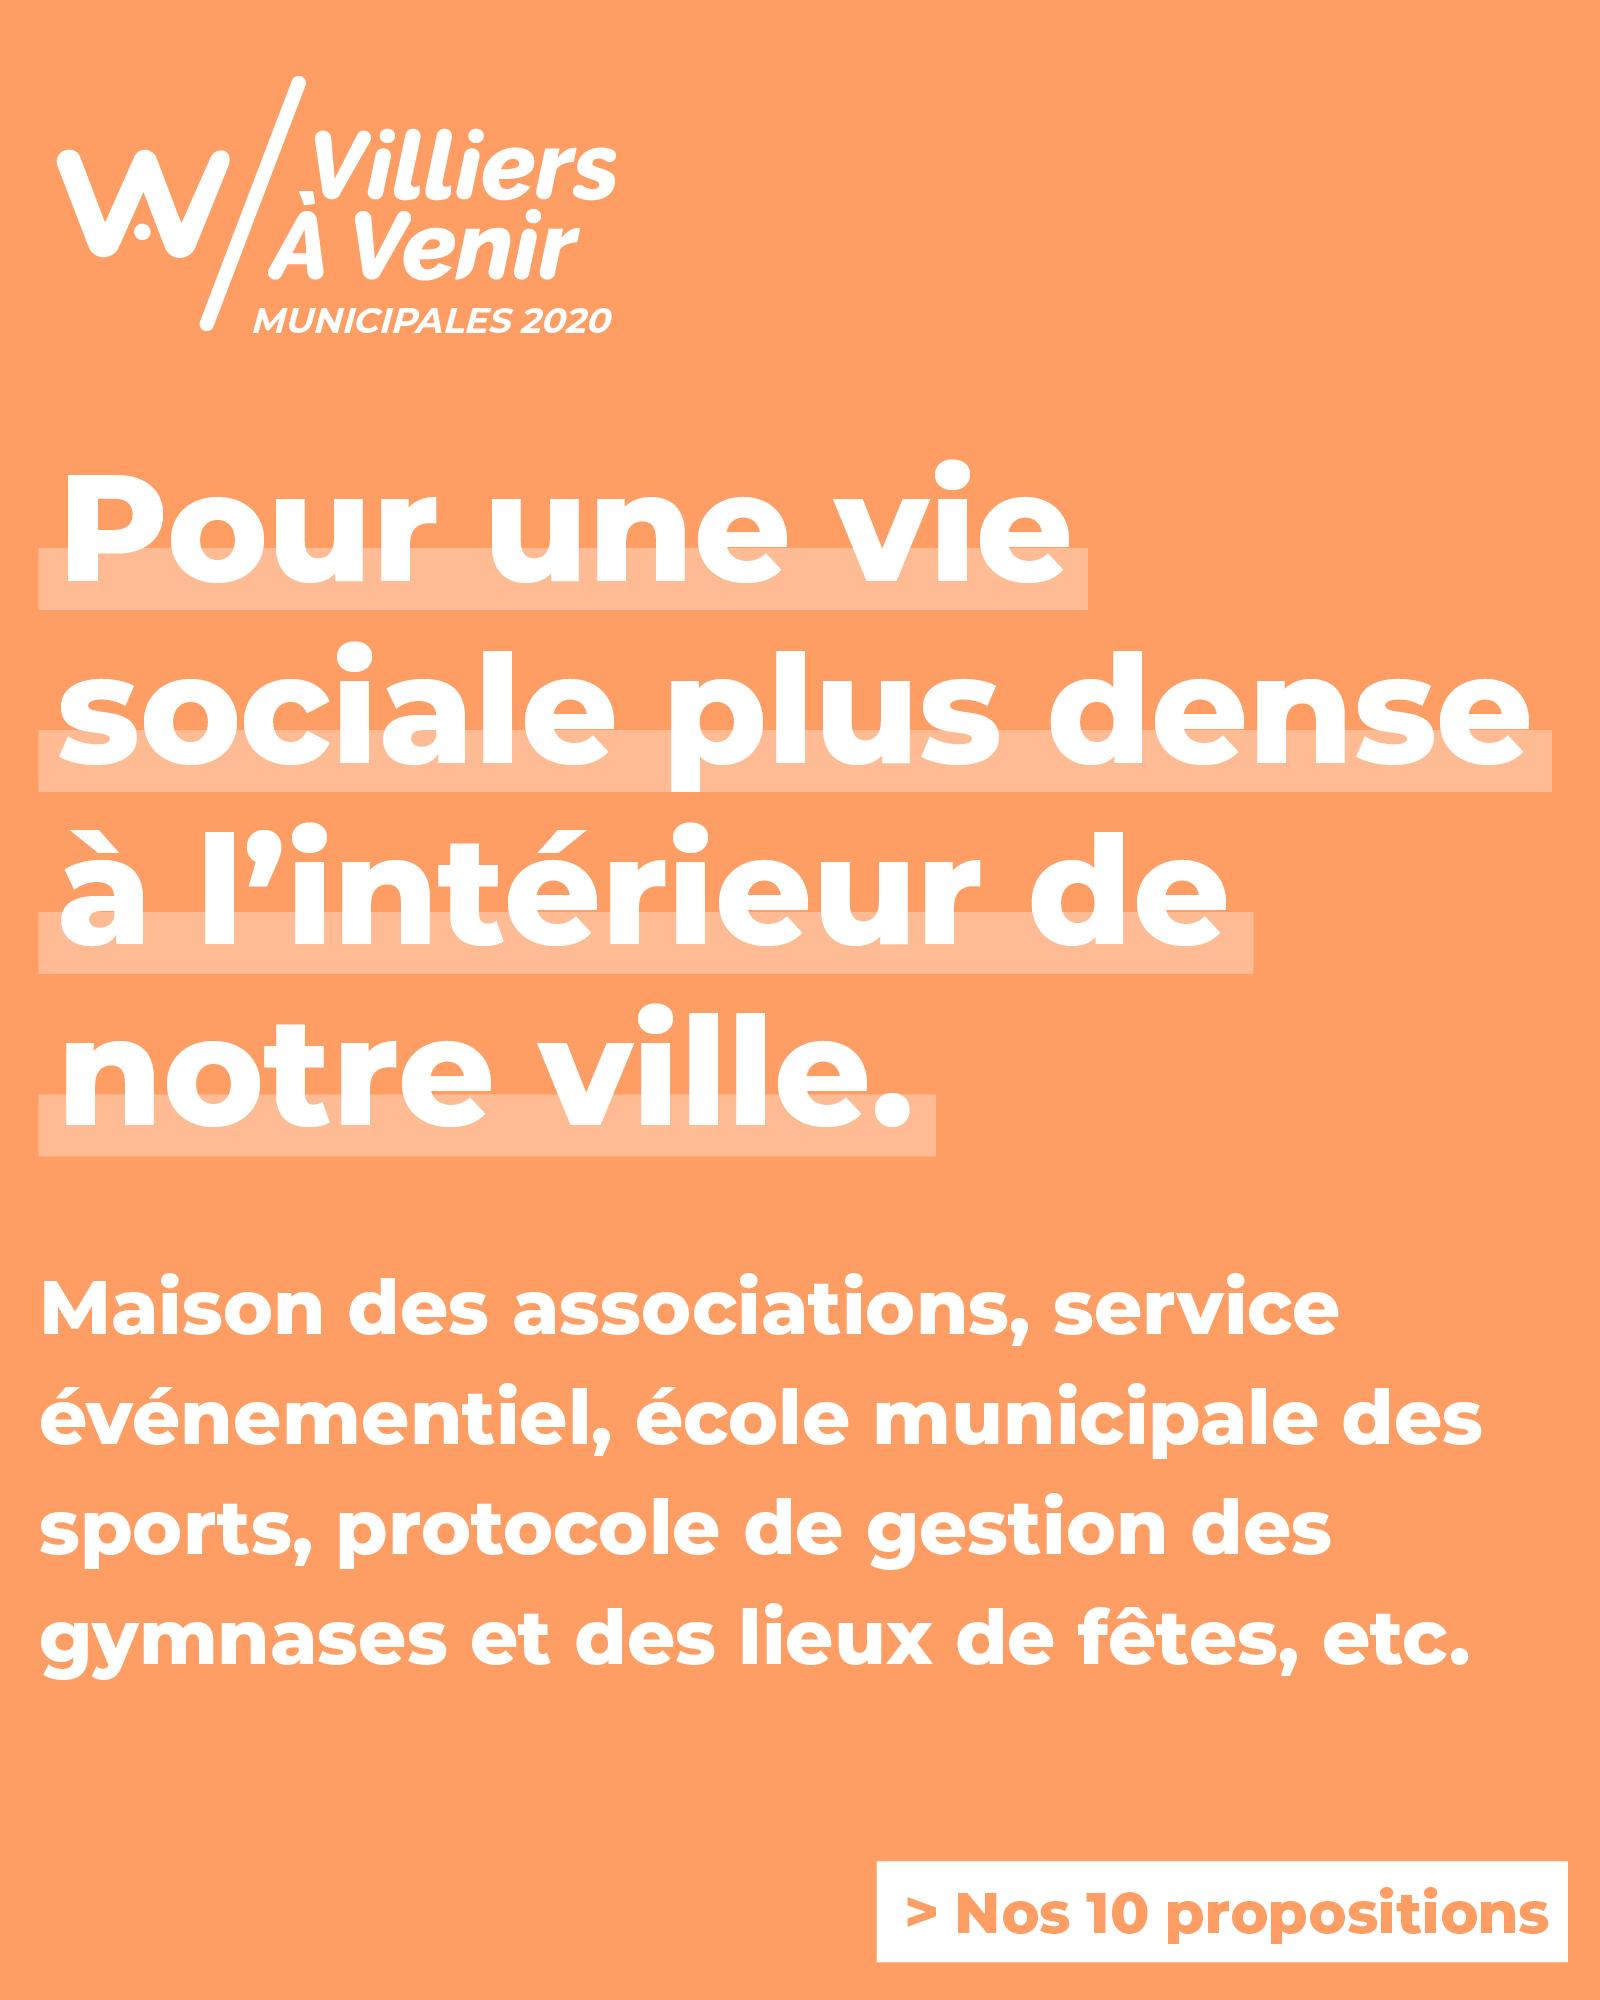 https://vav94.fr/wp-content/uploads/2020/03/IMAGES-RÉSEAUX-SOCIAUX-ET-SITE-VAV27-2.jpg